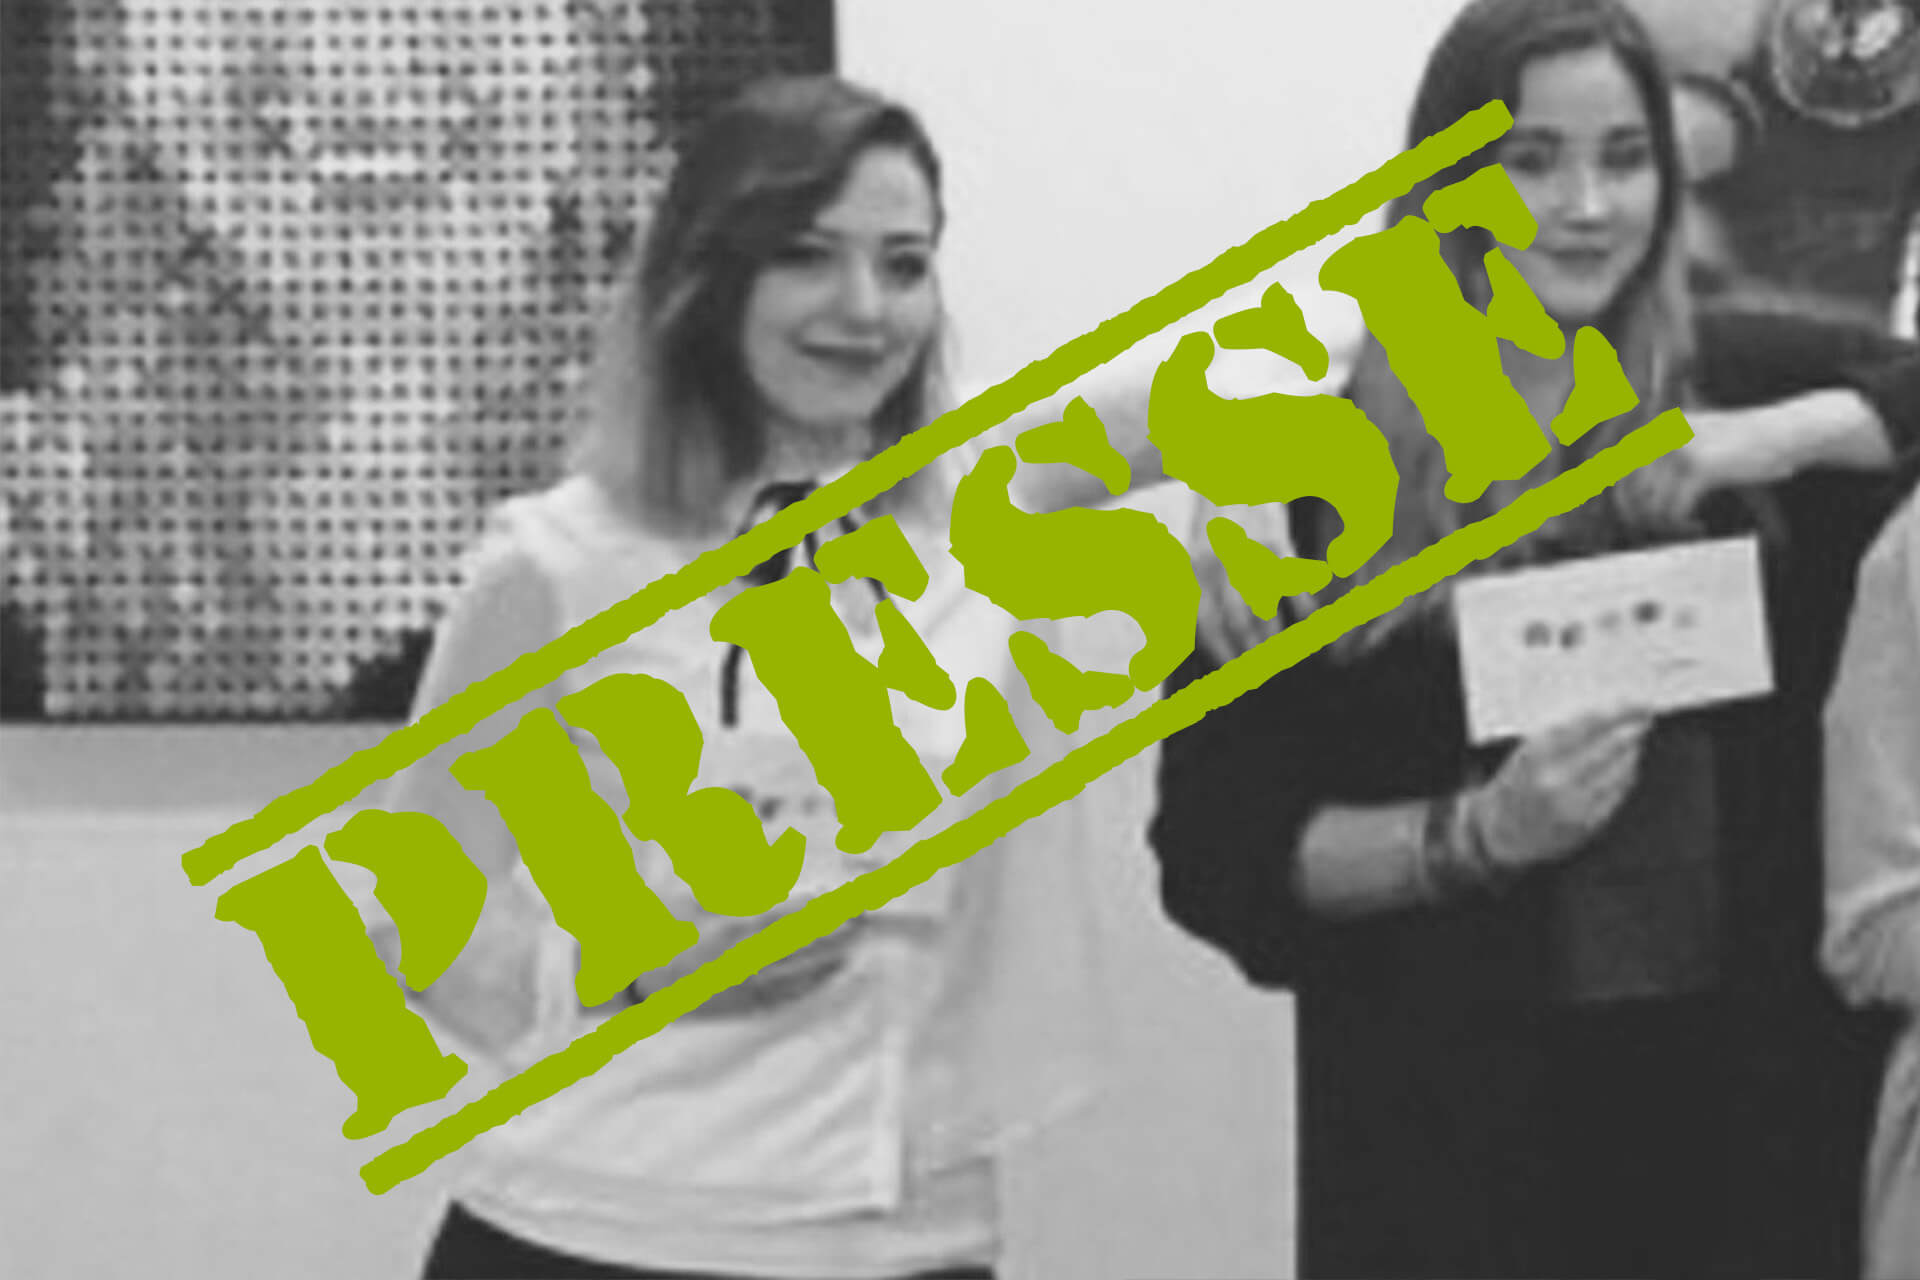 2017 05 05 Presse Kunstausstellung Clip Content 1